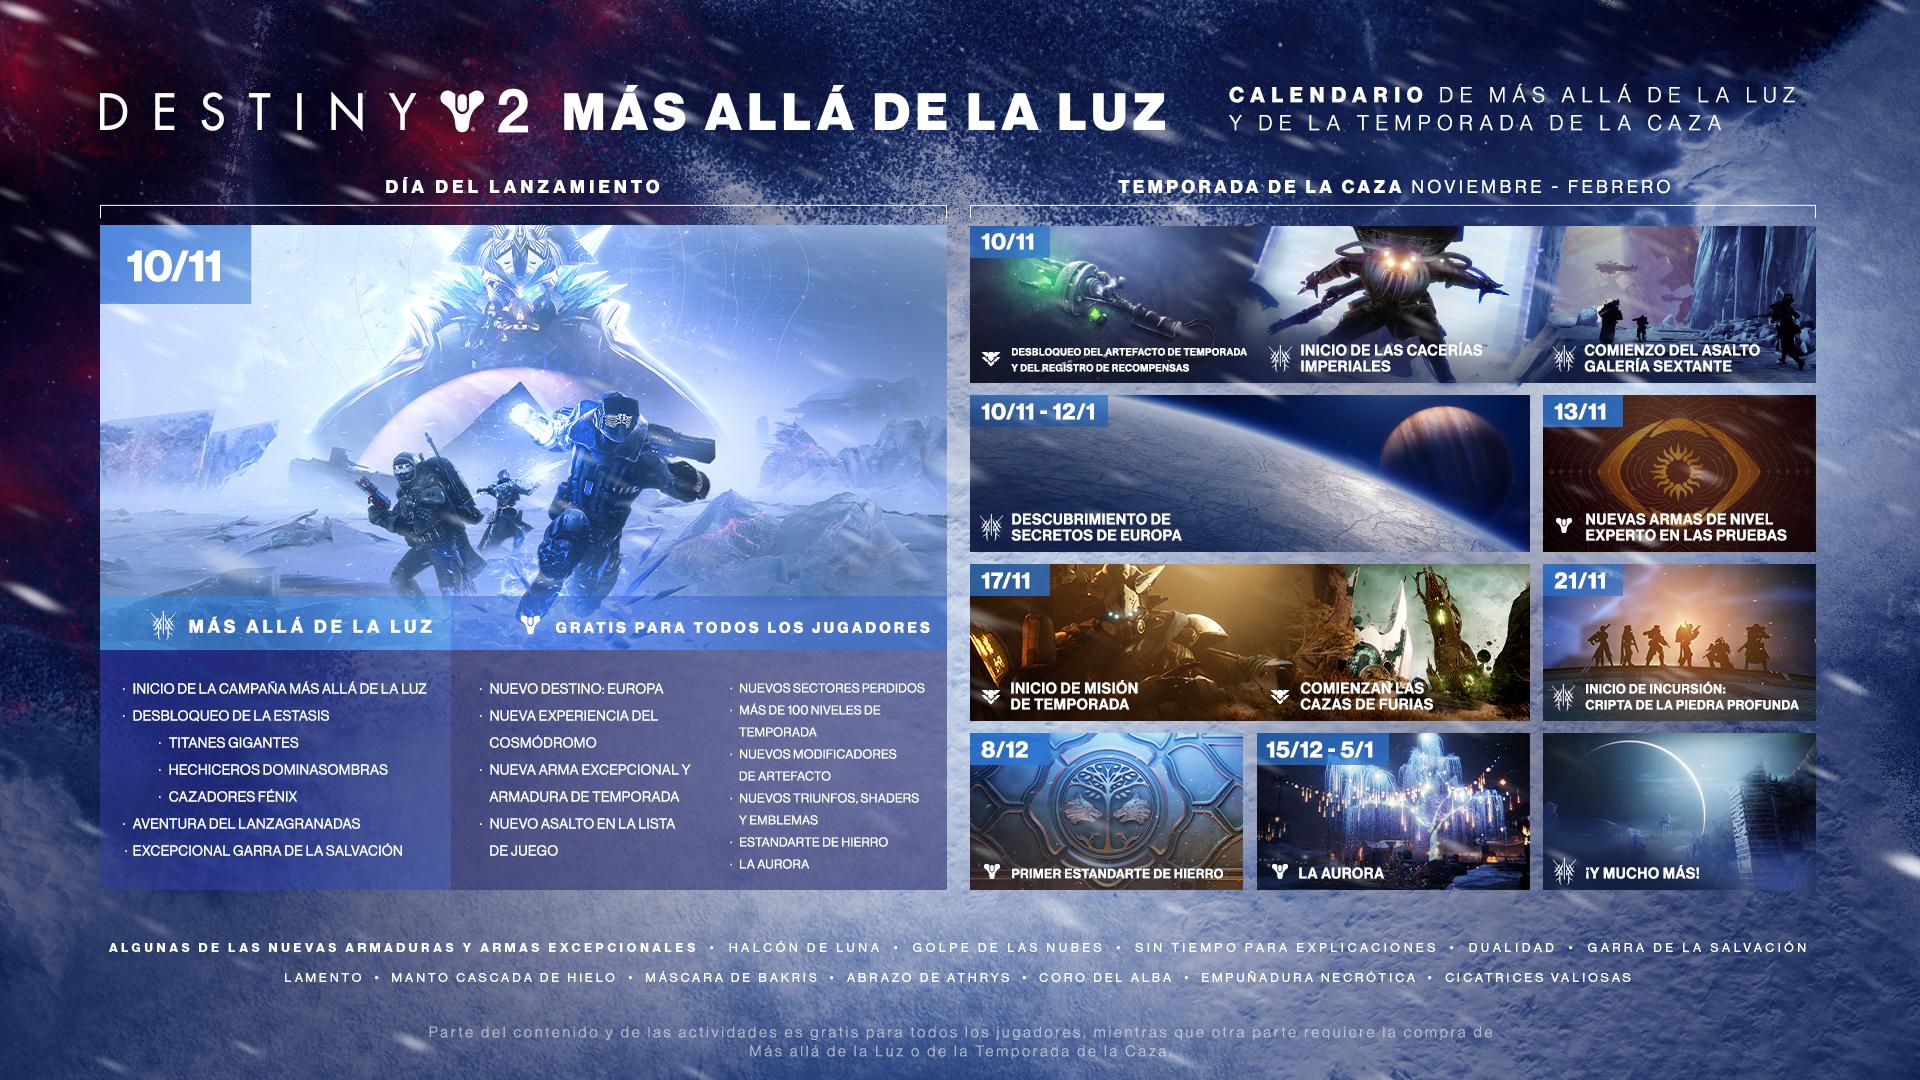 Destiny 2: Más Allá de la Luz detalla la hoja de ruta de Temporada de Caza